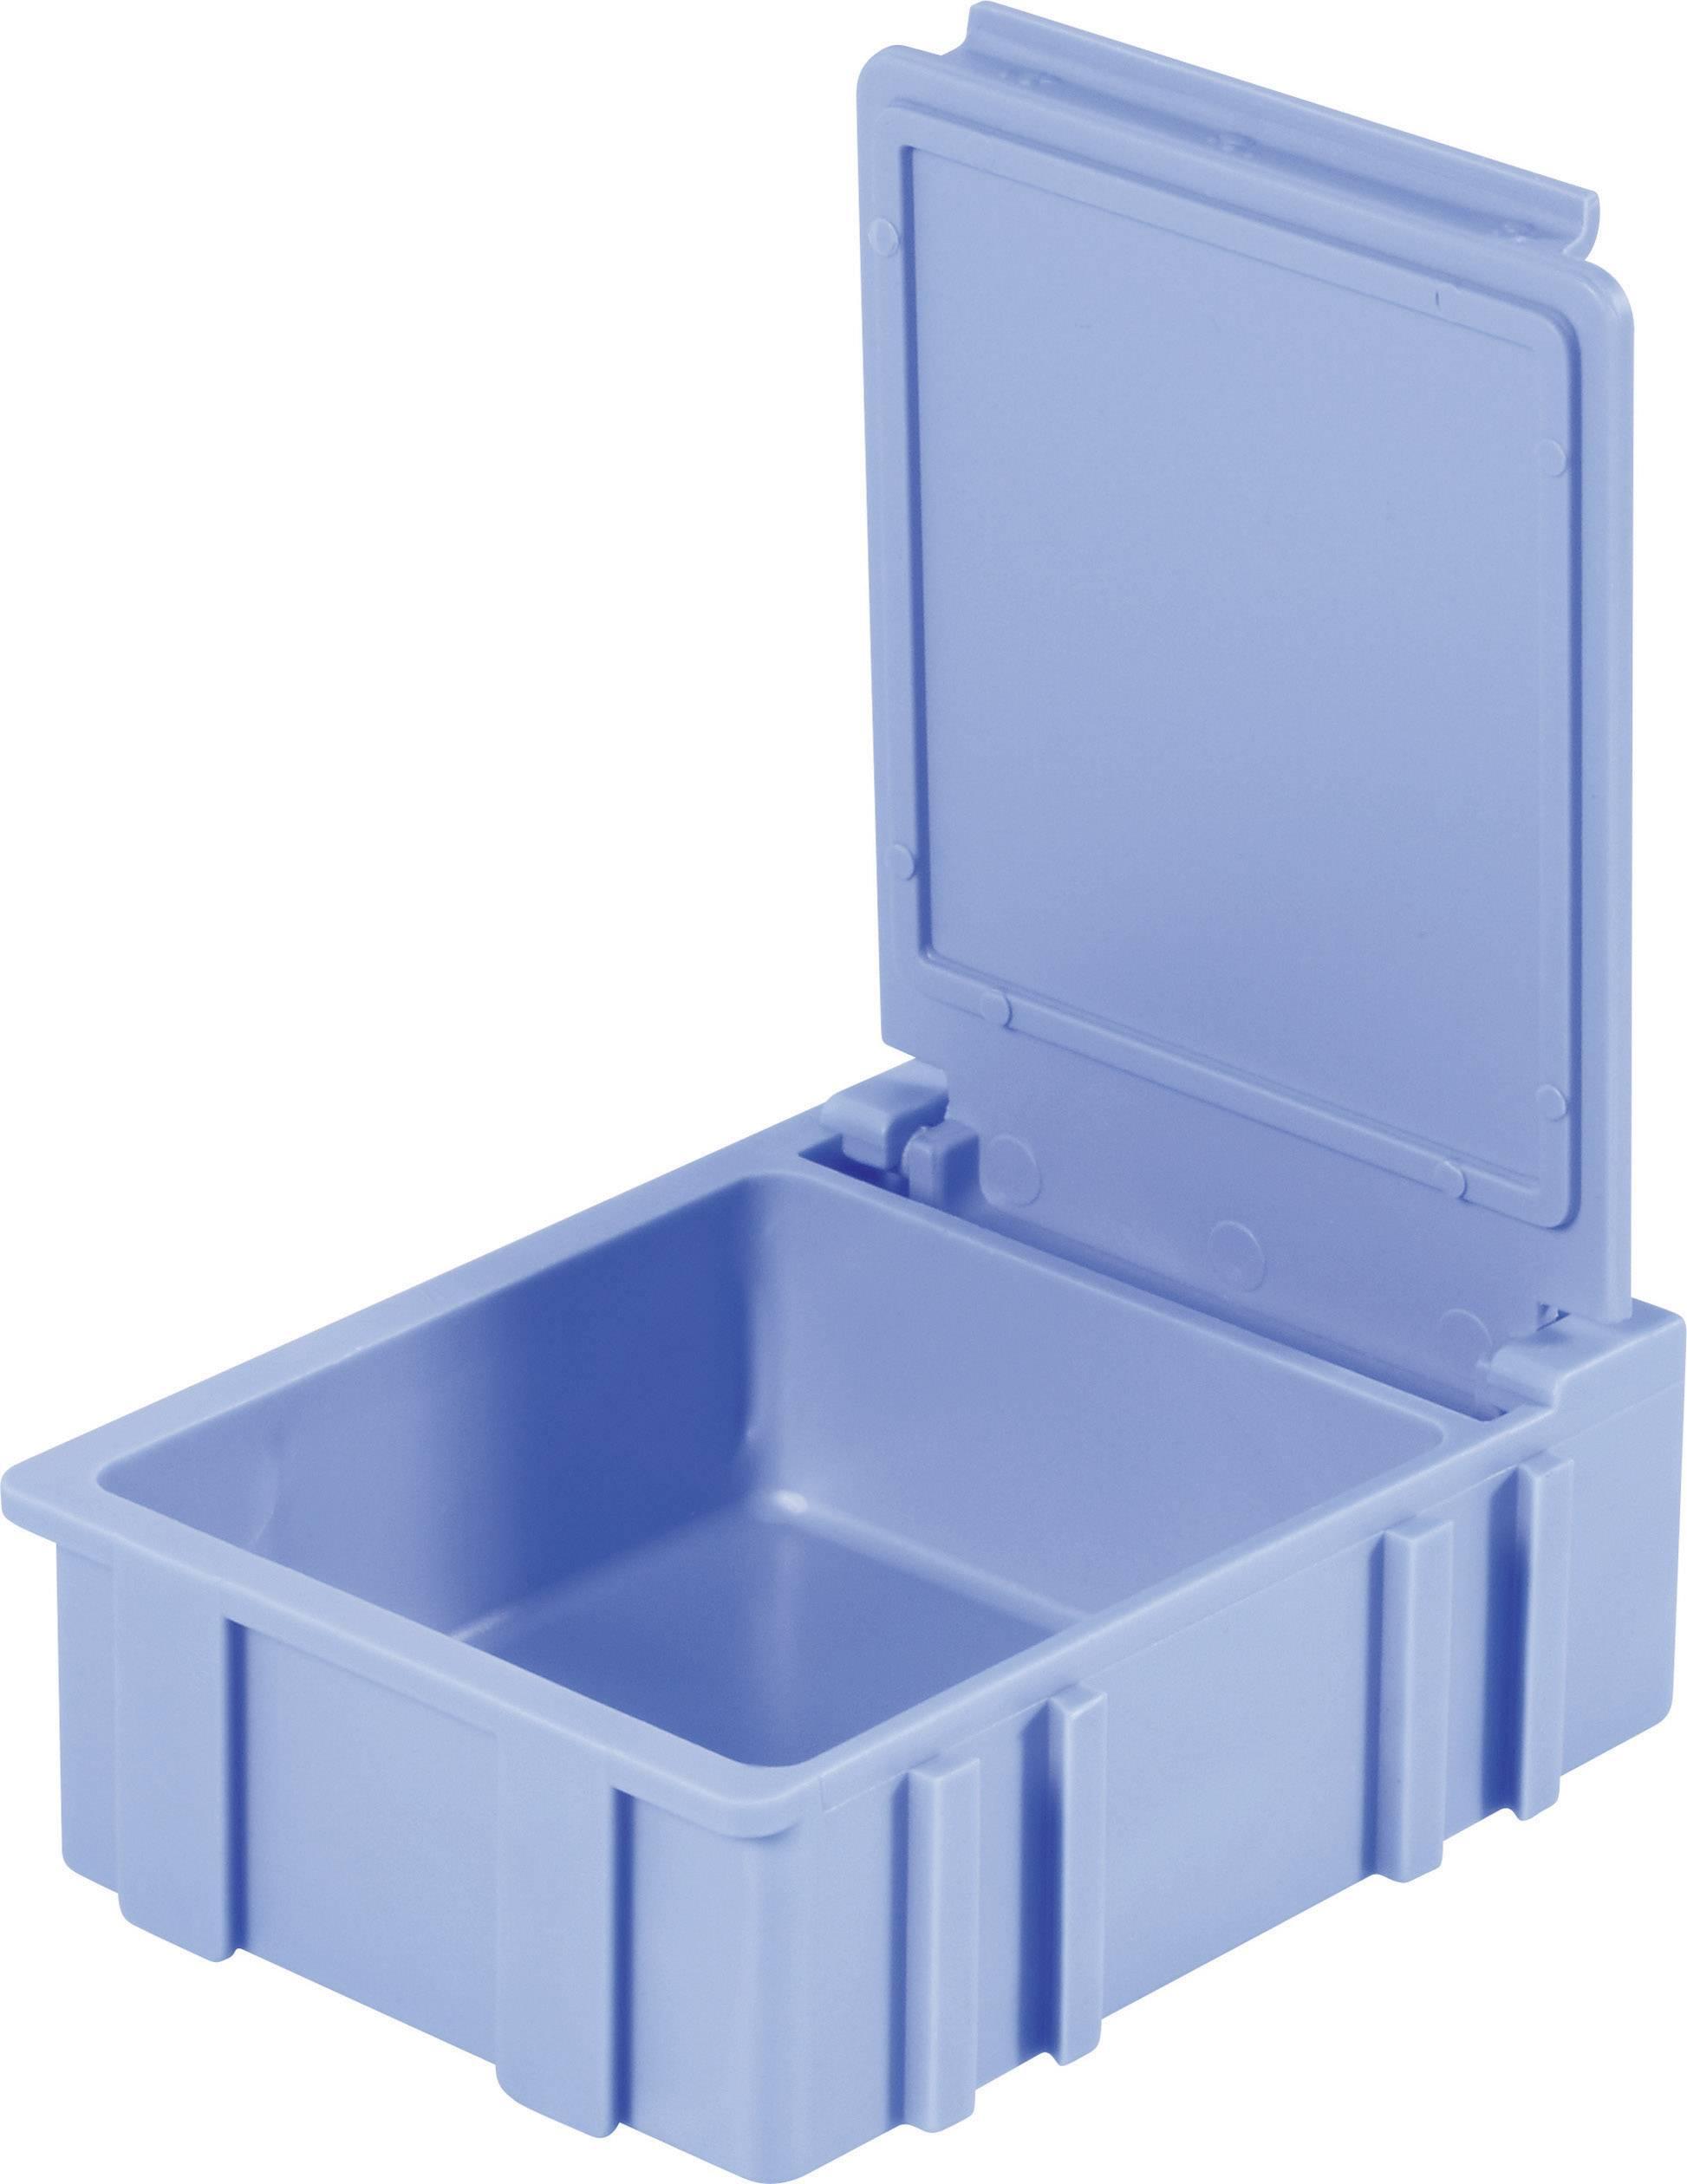 Box pro SMD součástky Licefa, N32266, 41 x 37 x 15 mm, červená